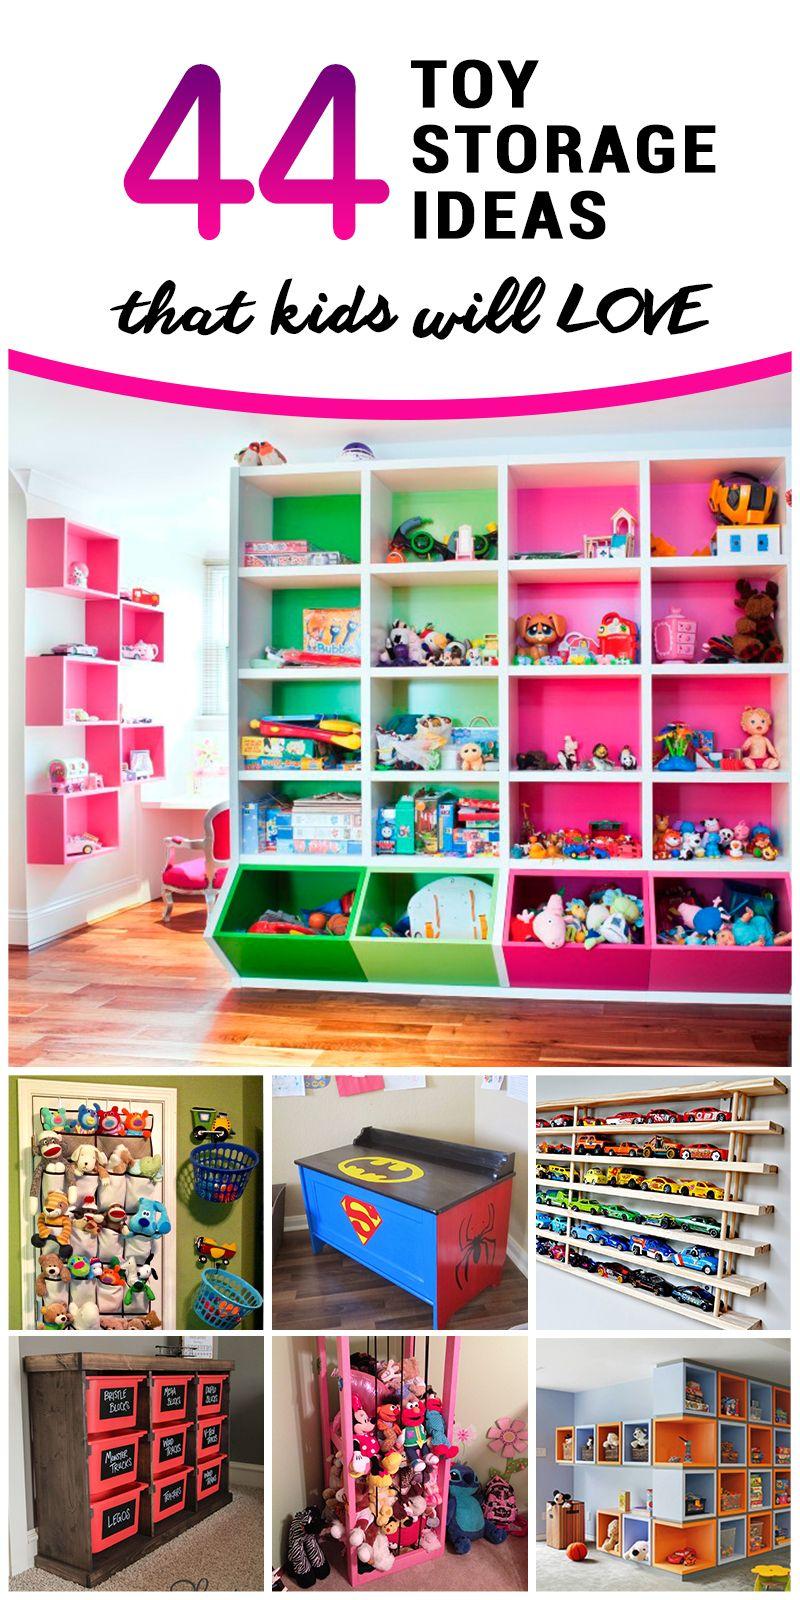 44 Best Toy Storage Ideas That Kids Will Love Kids Storage Kids Room Organization Organization Kids